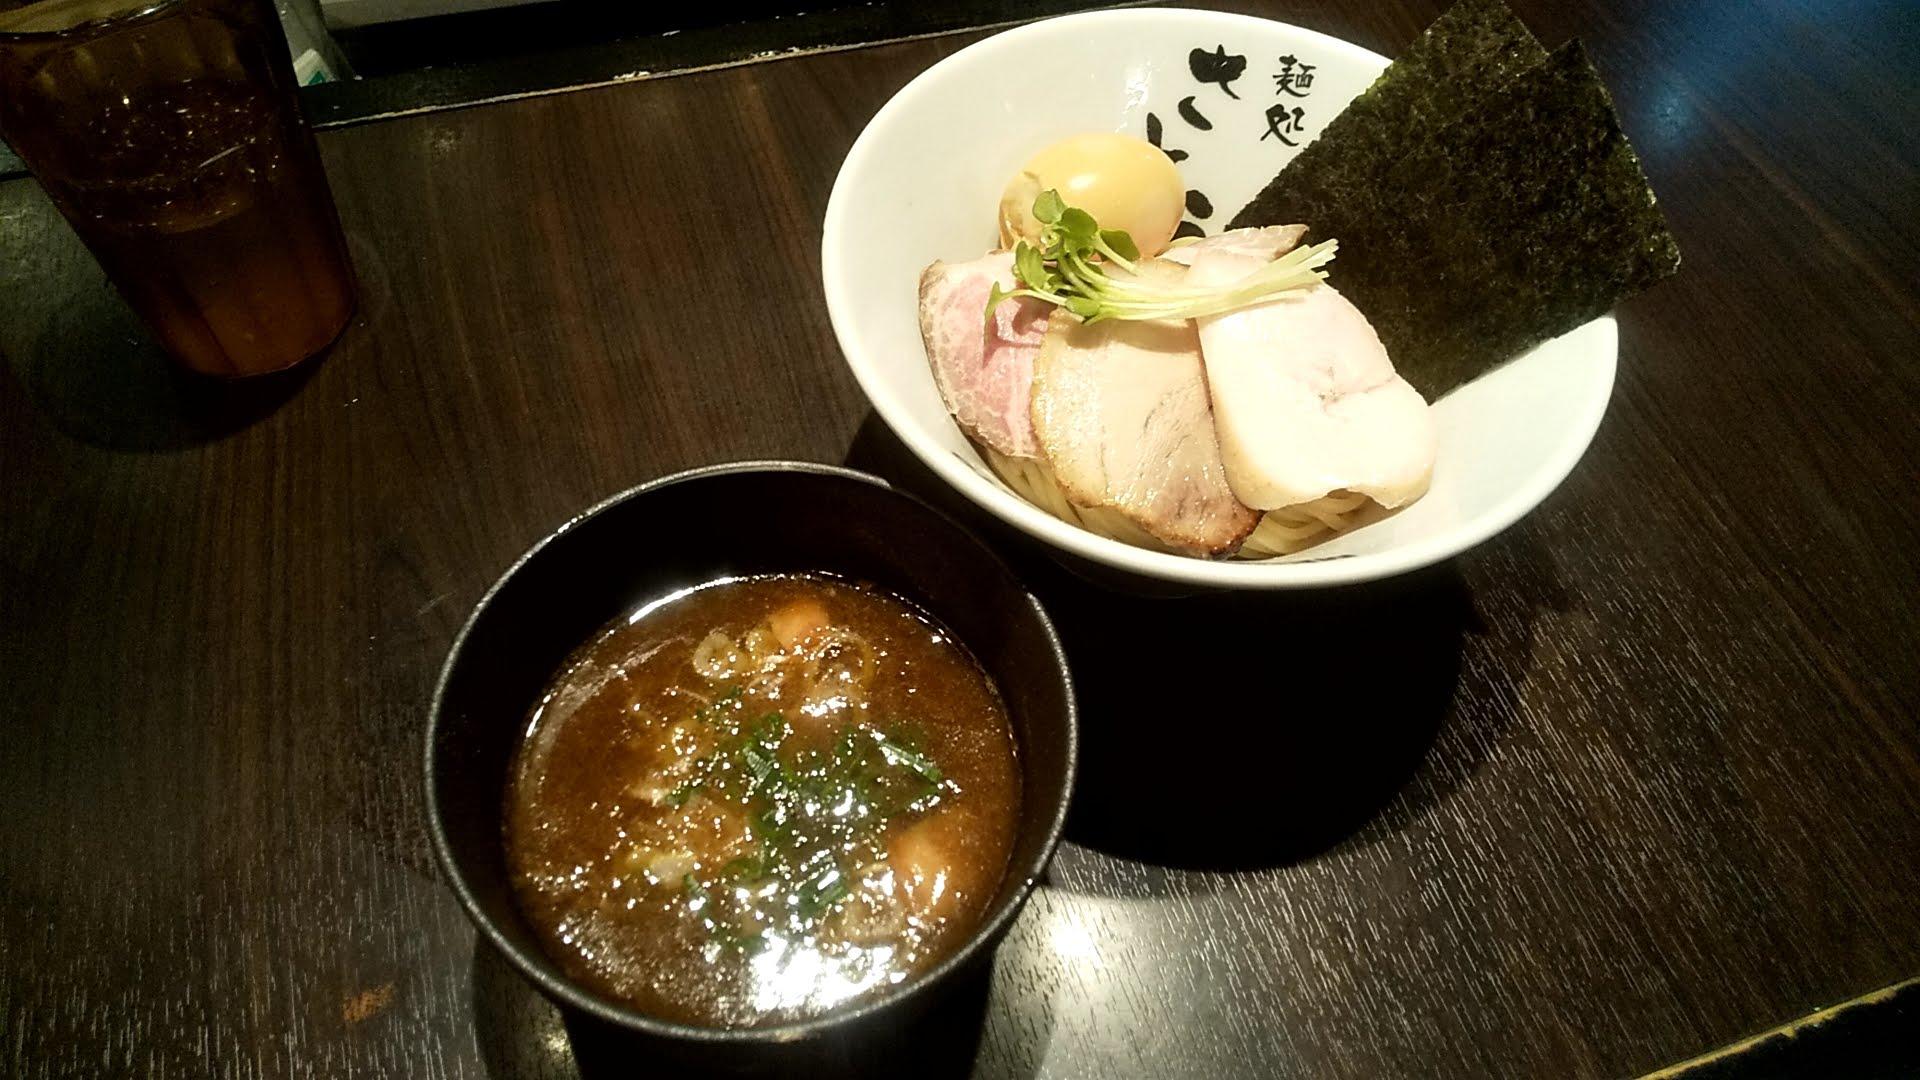 麺処さとうの特製濃厚魚介豚骨つけ麺の写真